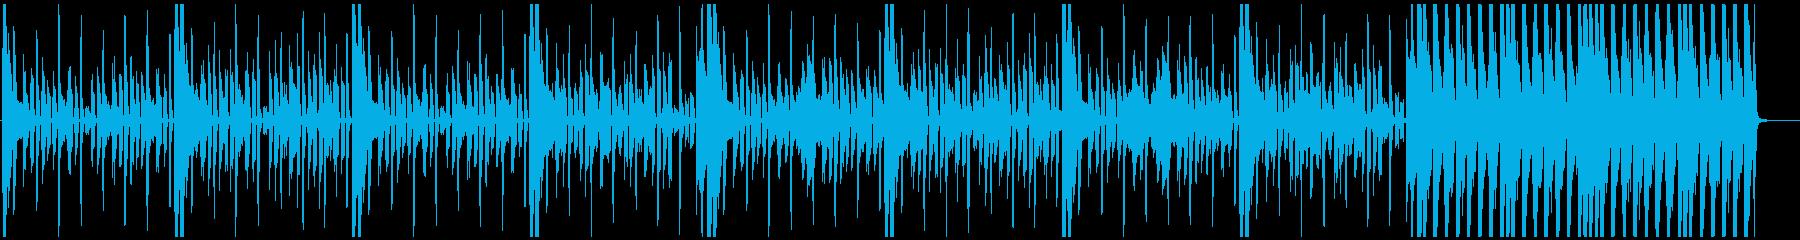 クラビネットとクラップのクールなファンクの再生済みの波形